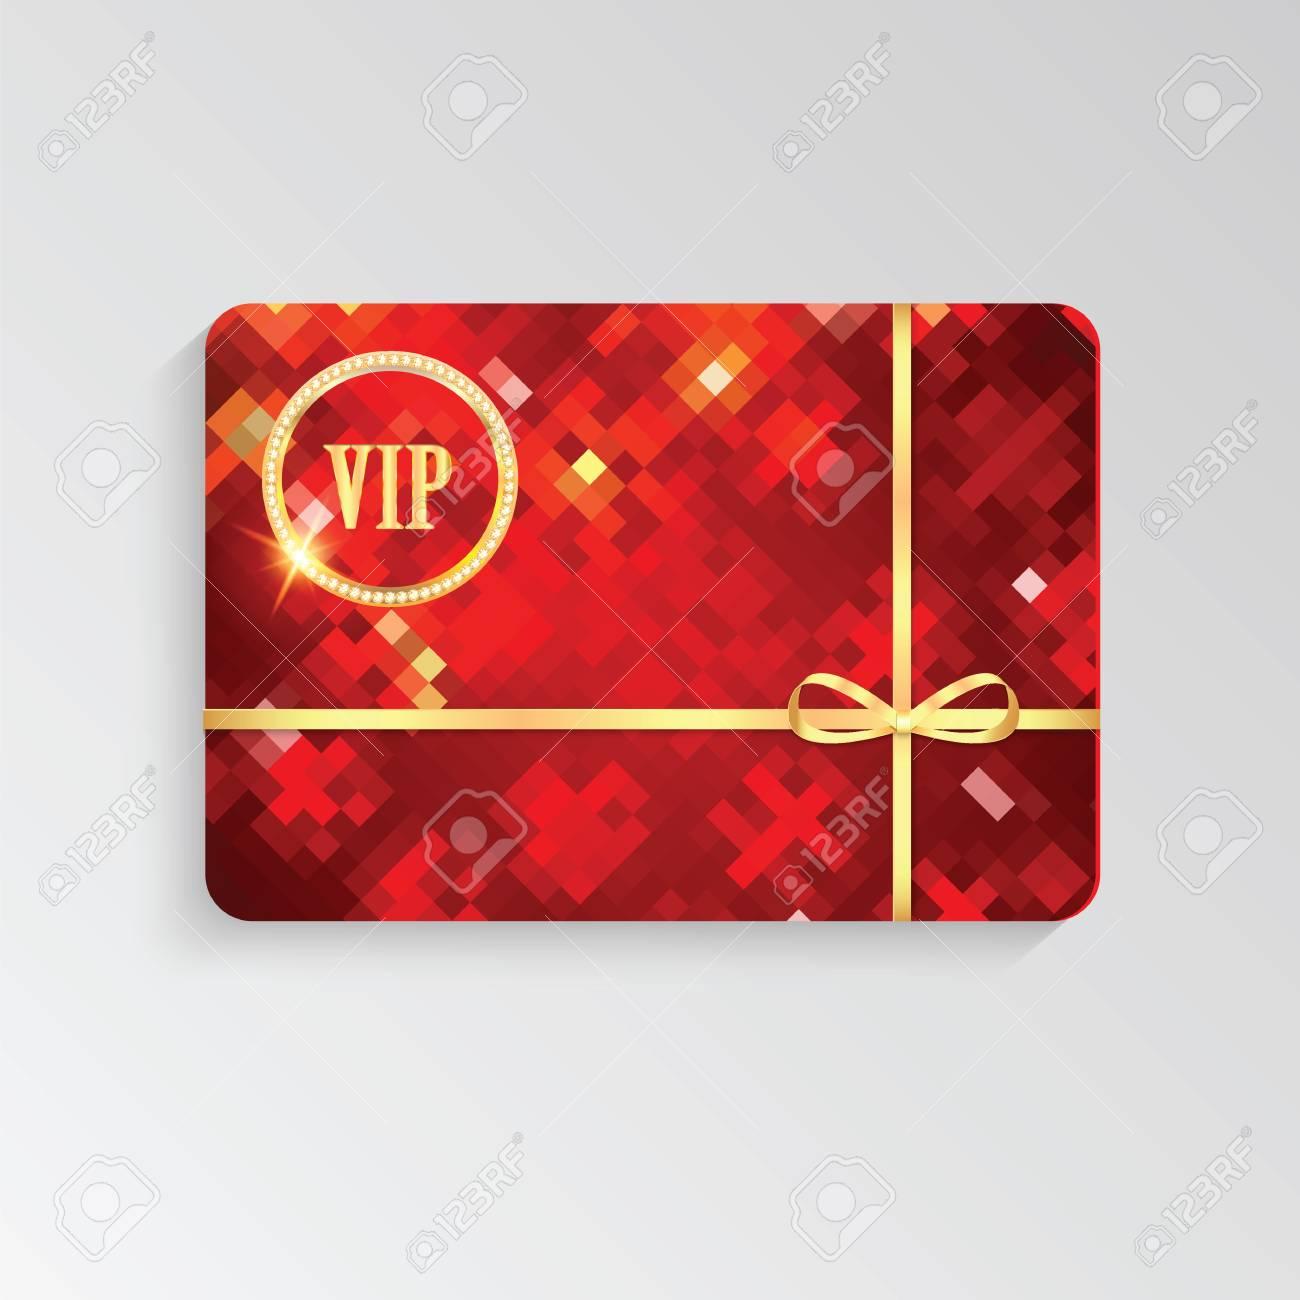 Tarjetas Vip Con Letras De Oro Y Ribbon Elegant Invitación Vip Tarjeta